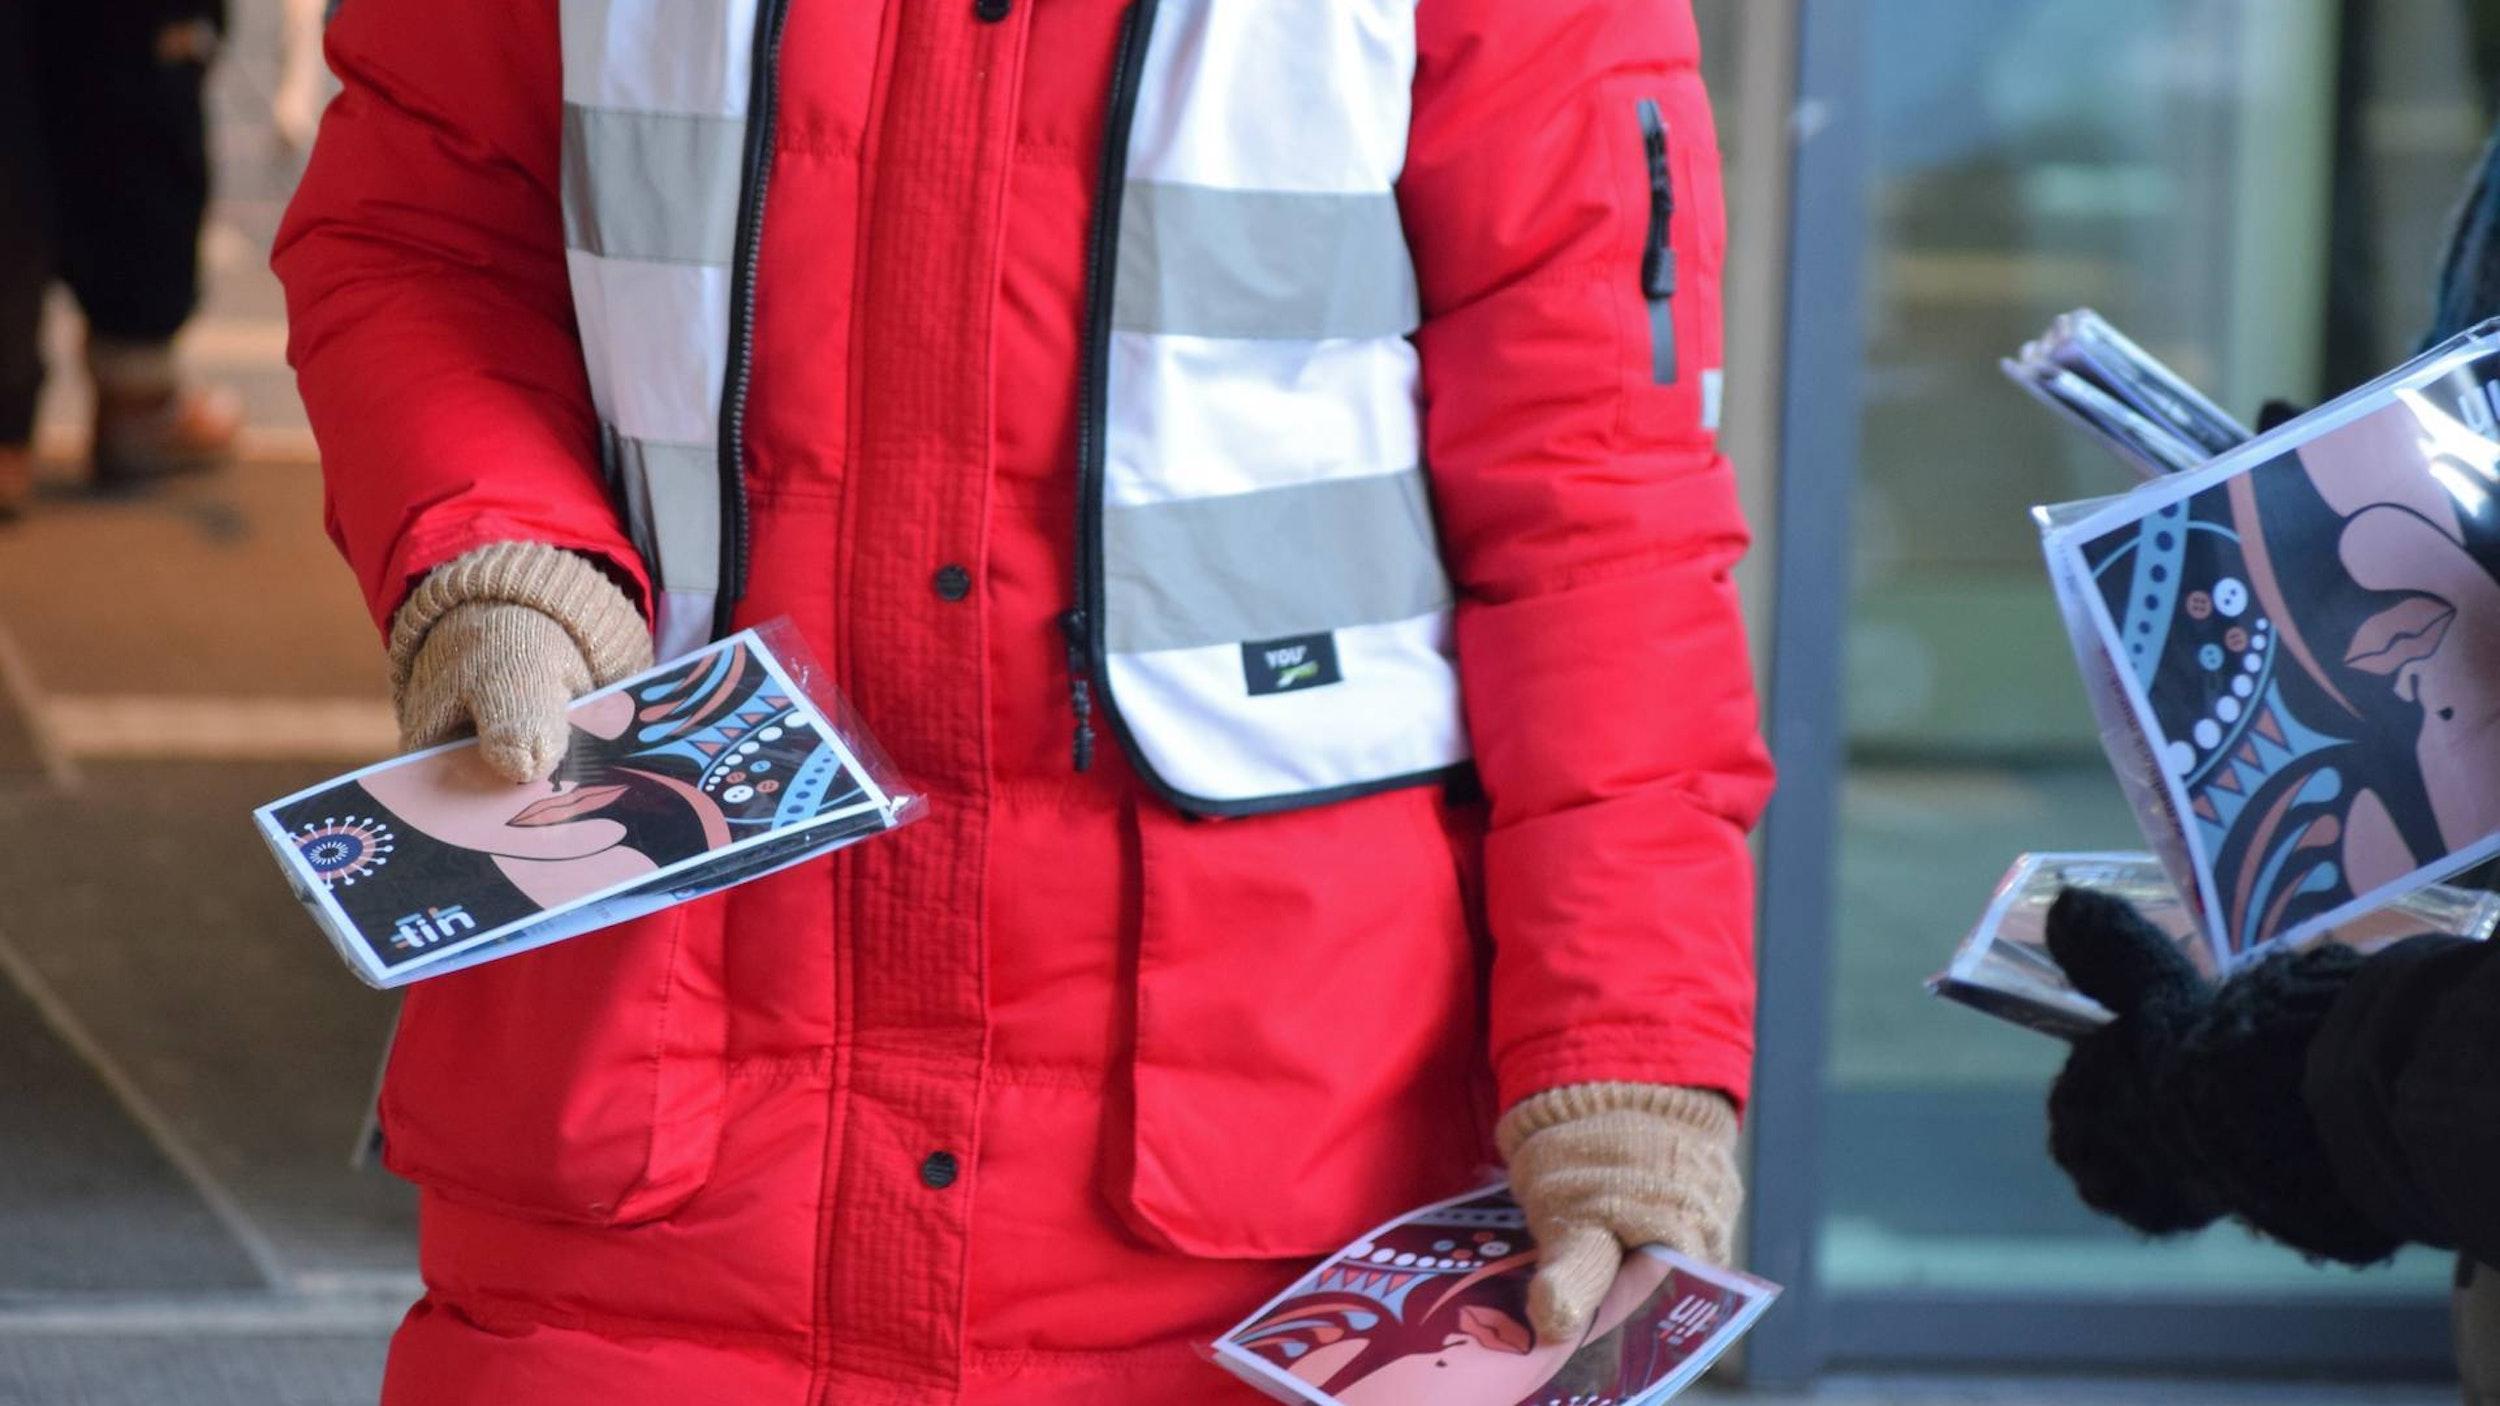 Bilde av person i rød jakke som deler ut en brosjyre.